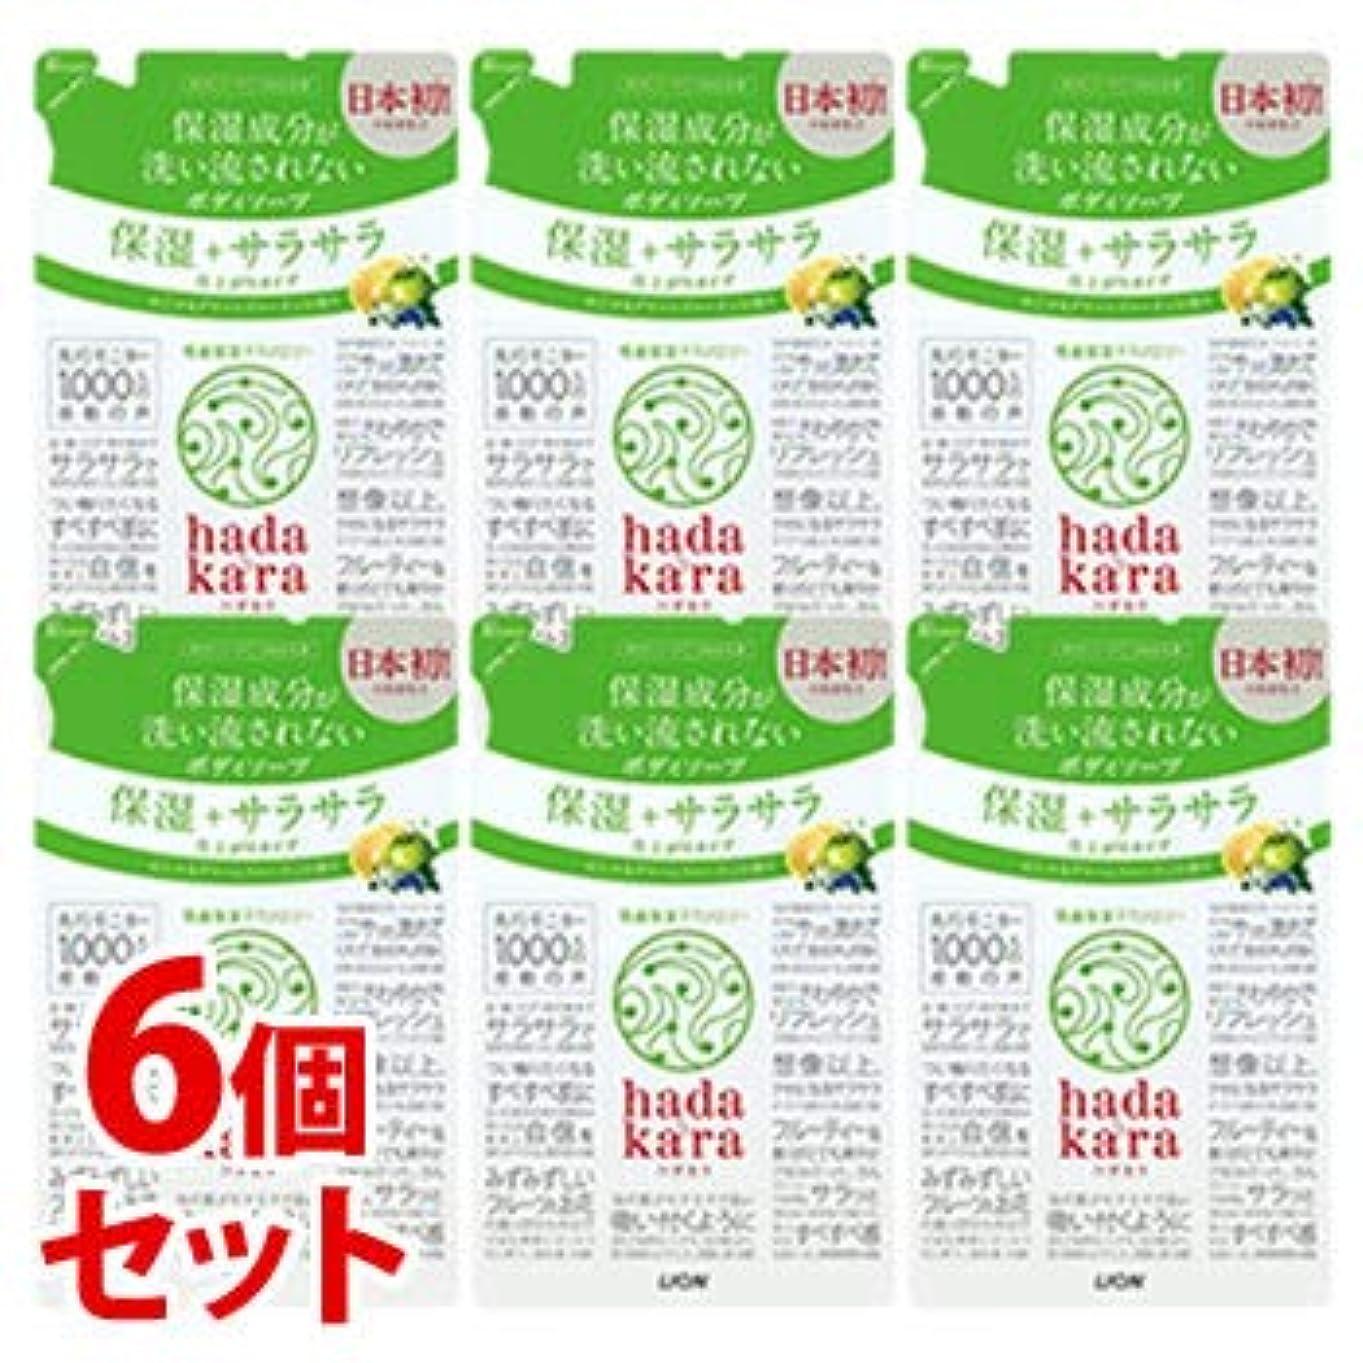 差別蒸留するロンドン《セット販売》 ライオン ハダカラ hadakara ボディソープ 保湿+サラサラ仕上がりタイプ グリーンフルーティの香り つめかえ用 (340mL)×6個セット 詰め替え用